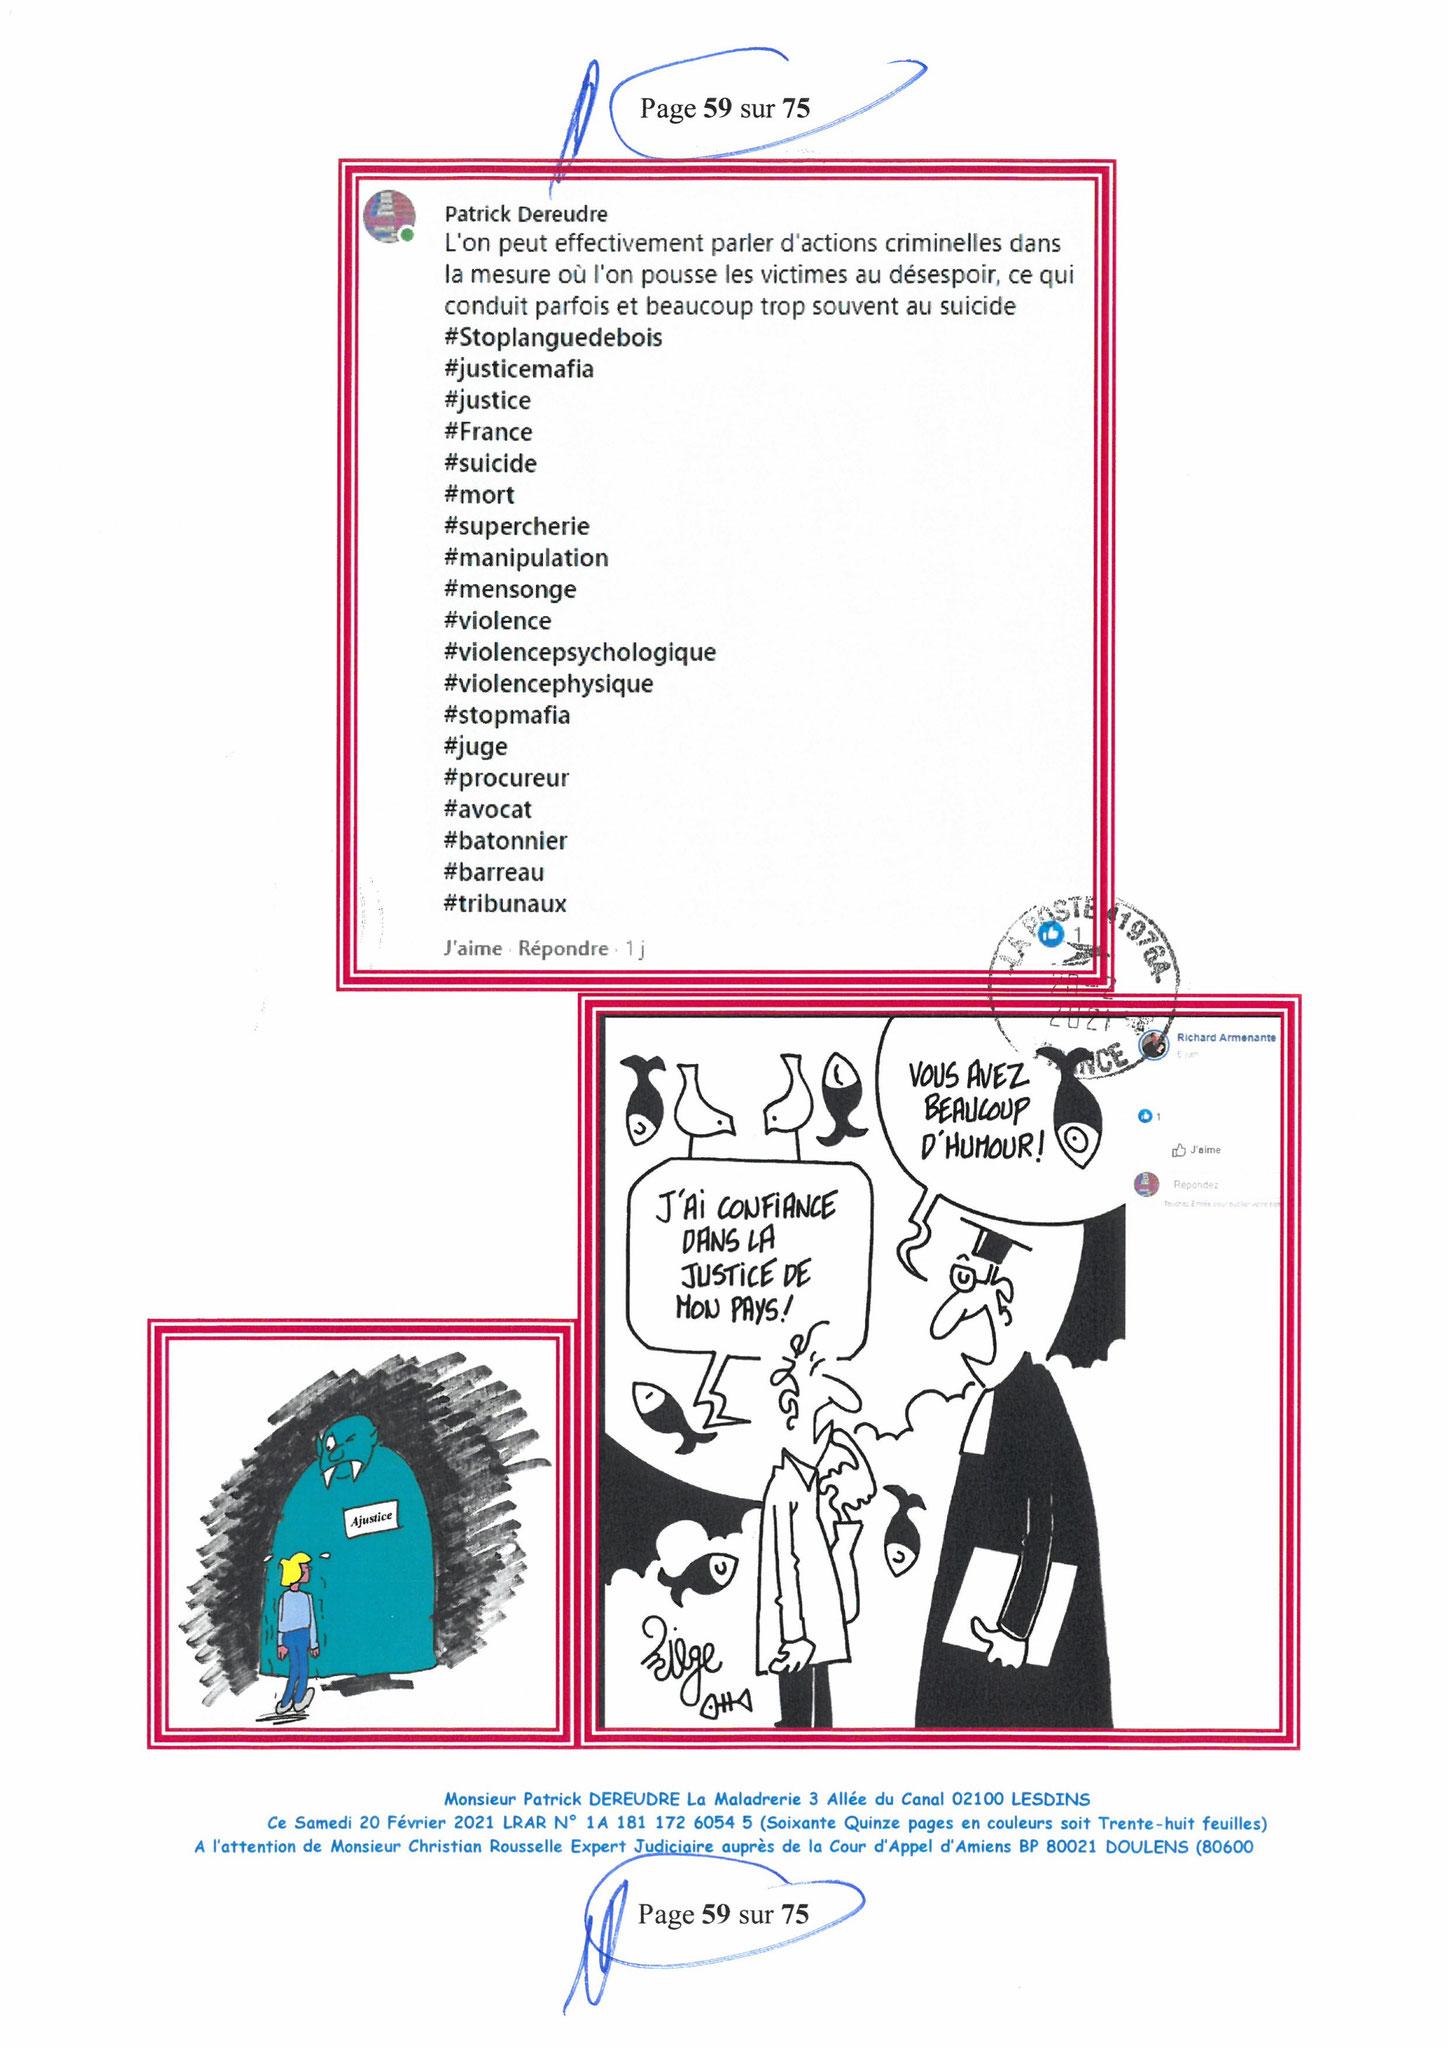 Page 59 Ma  Lettre Recommandée à Monsieur Christian ROUSSELLE Expert Judiciaire auprès de la Cour d'Appel d'Amiens Affaire MES CHERS VOISINS nos  www.jenesuispasunchien.fr www.jesuisvictime.fr www.jesuispatrick.fr PARJURE & CORRUPTION JUSTICE REPUBLIQUE